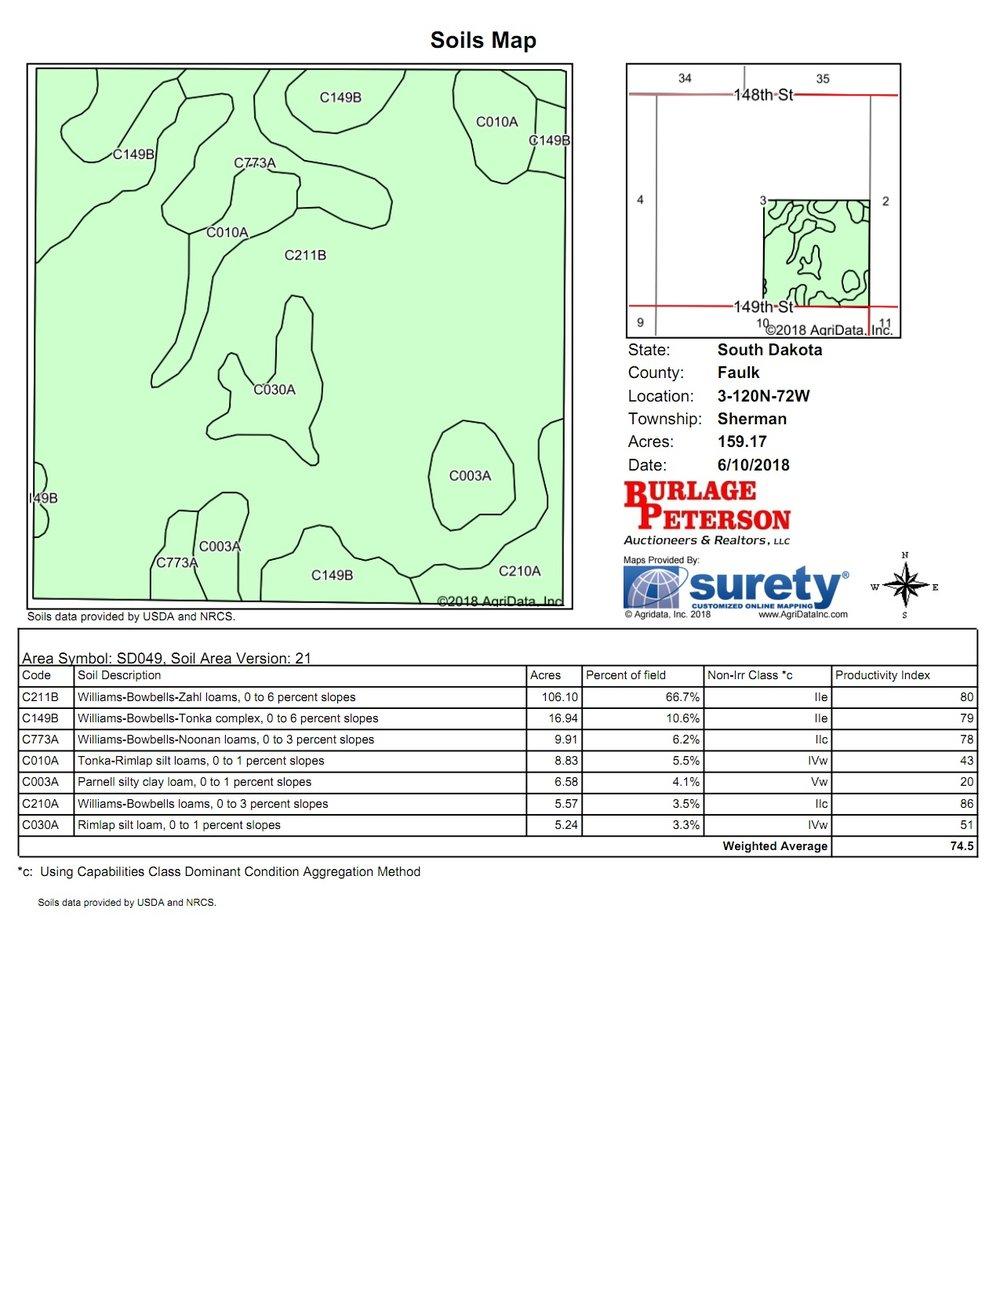 SE-Quarter-3-120-72-Soil-Map-jpeg.jpg